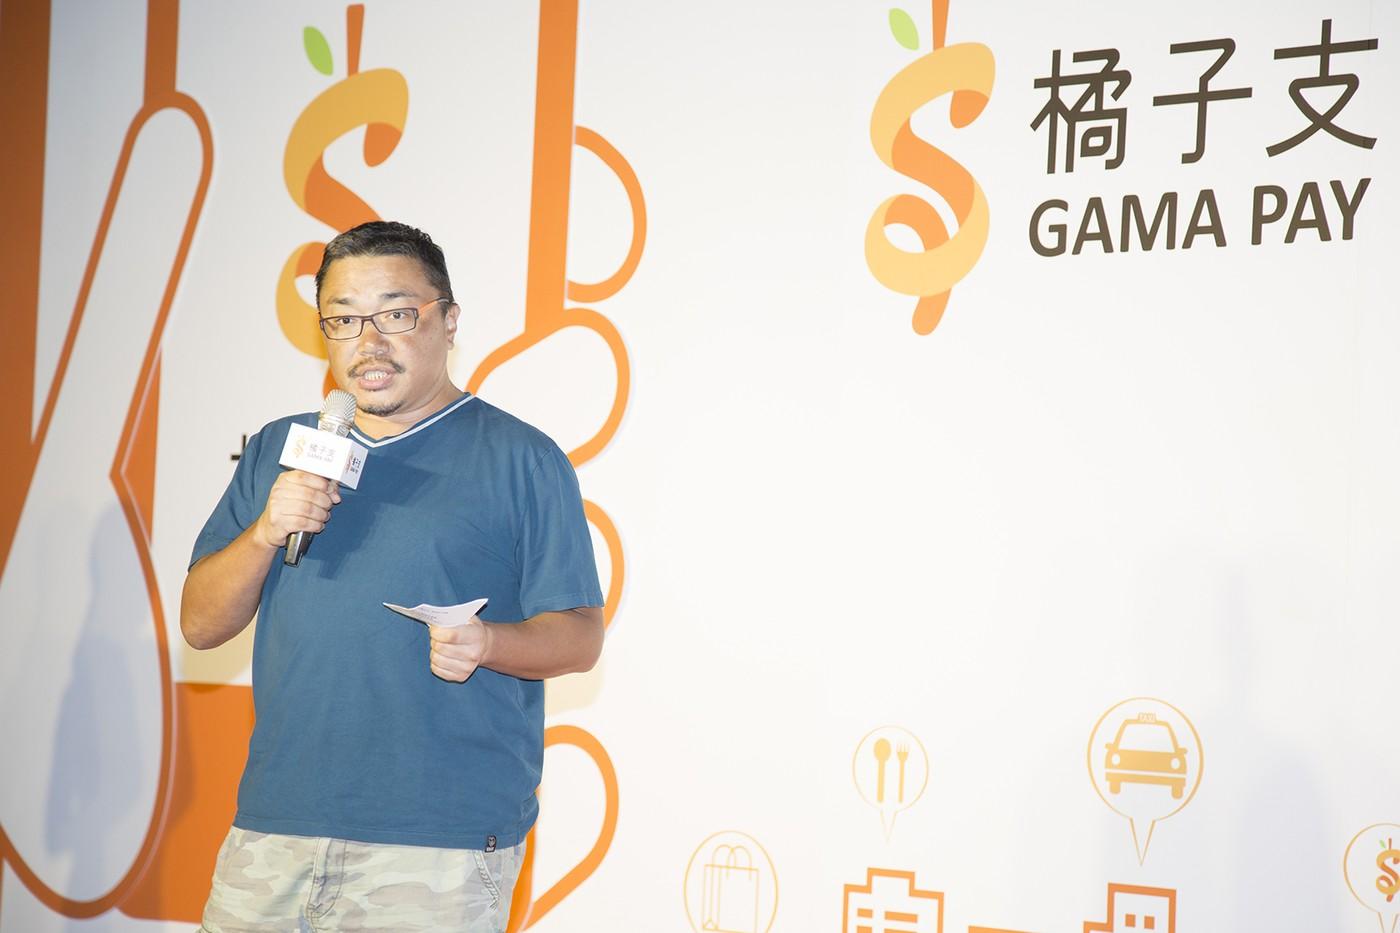 橘子劉柏園:遊戲業要努力,要證明把我們看壞的人是錯的